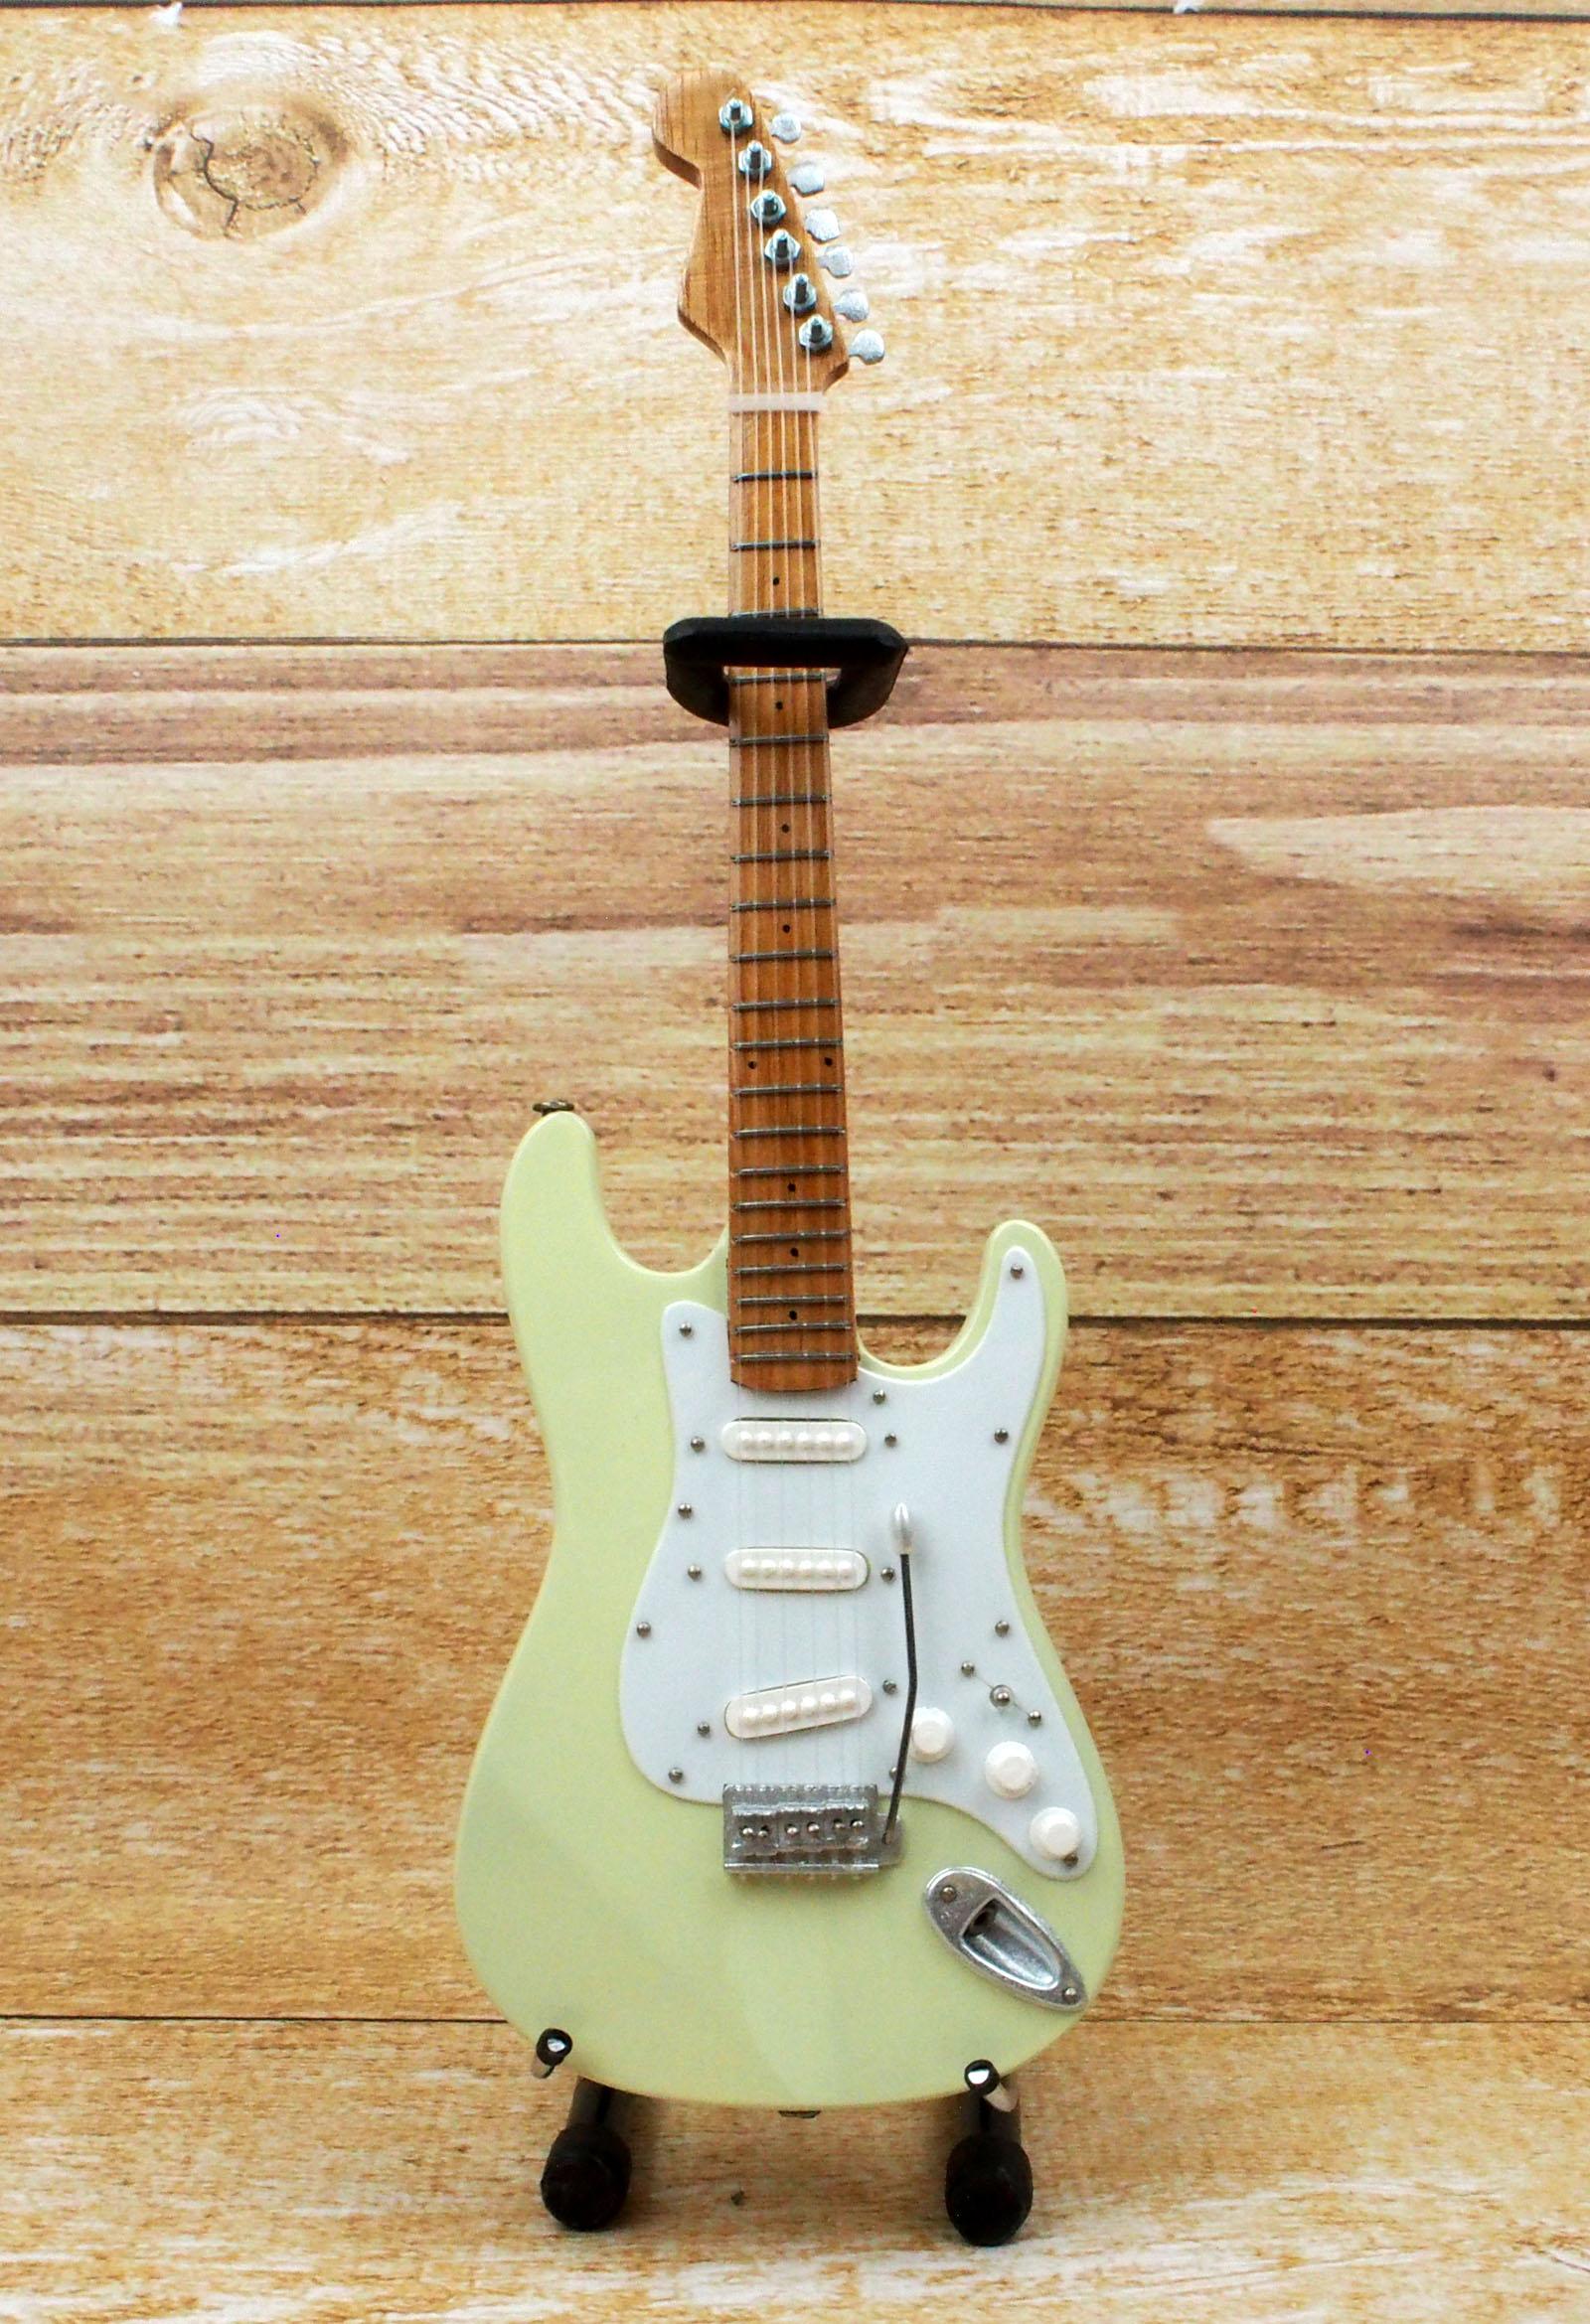 Musical Story ミニチュア ギター フィギュア ジミ ヘンドリックス ST スタイル ホワイト画像